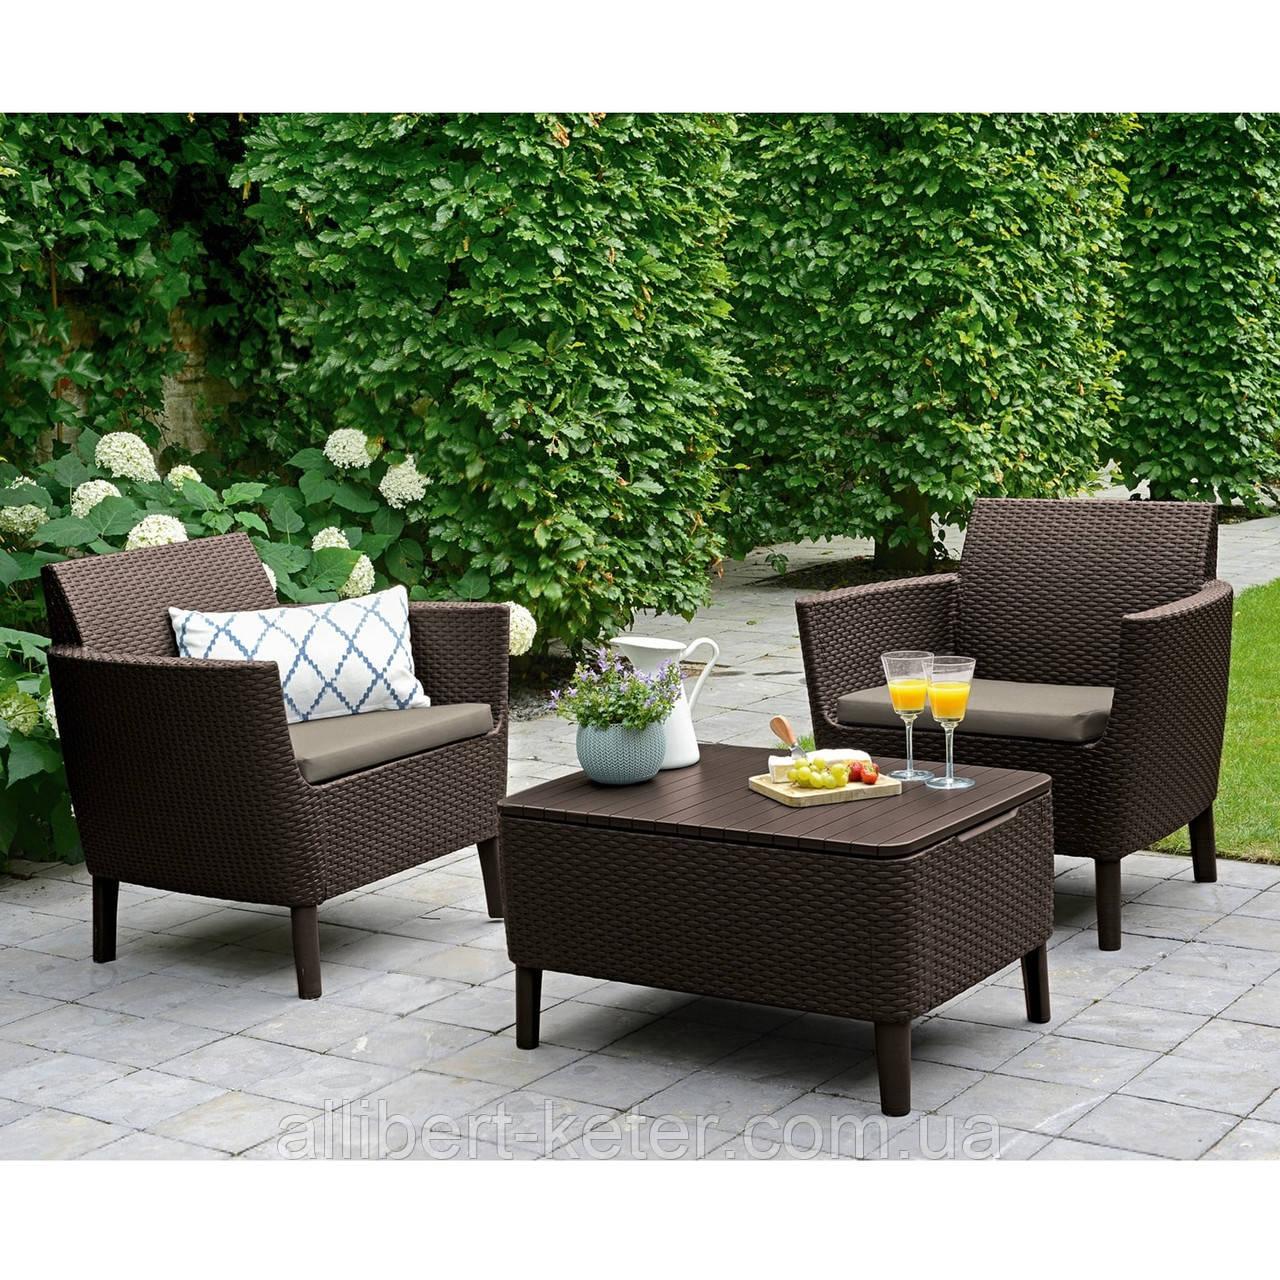 Набор садовой мебели Salemo Balcony Set Brown ( коричневый ) из искусственного ротанга